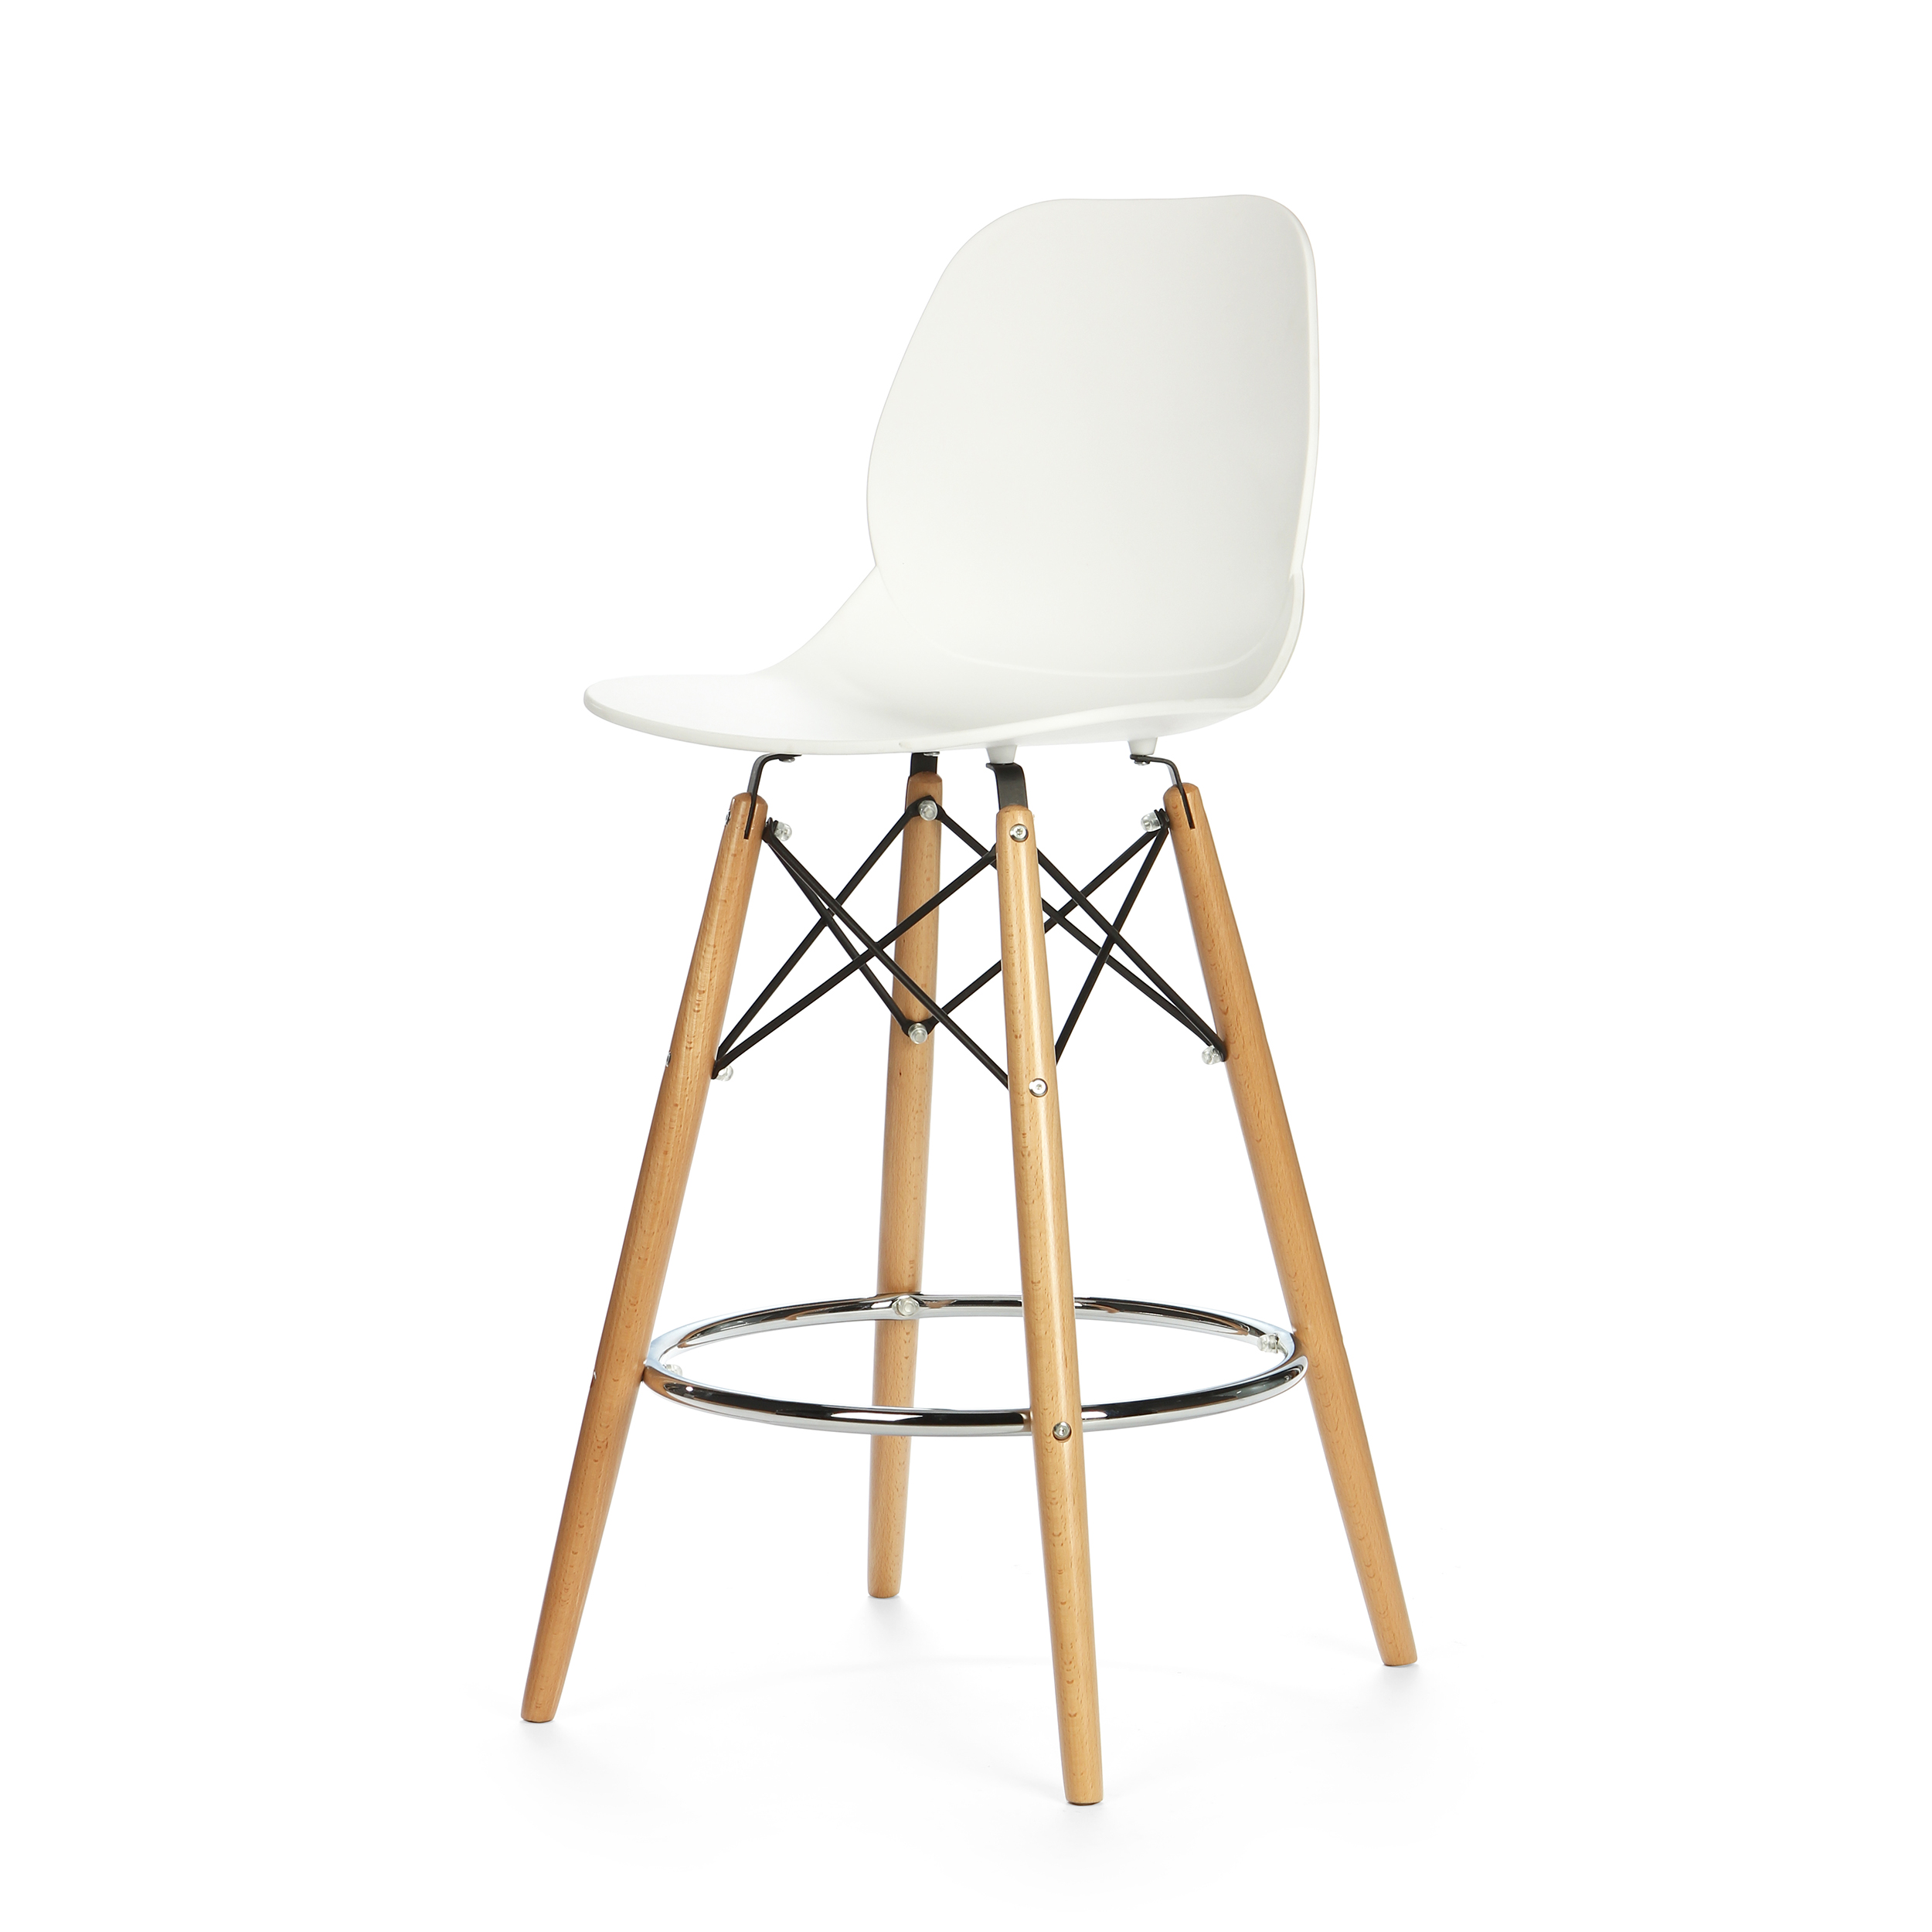 Барный стул EiffelБарные<br>Дизайнерский барный стул Eiffel (Айффэл) из полипропилена на светло-коричневых ножках от Cosmo (Космо). <br>Освежите дизайн своего домашнего или рабочего интерьера с помощью барного стула Eiffel от компании Cosmo. Уникальный и, главное, стильный дизайн стула Eiffel — залог безукоризненности вашего будущего интерьера. Все подобранные цвета, материалы и формы как нельзя лучше гармонируют друг с другом. Стул органично сочетается со столешницами как из натуральной светлой древесины, так и с искусст...<br><br>stock: 17<br>Высота: 106,5<br>Высота спинки: 68<br>Ширина: 45,5<br>Глубина: 49<br>Цвет ножек: Светло-коричневый<br>Материал ножек: Массив бука<br>Тип материала каркаса: Сталь<br>Цвет сидения: Белый<br>Тип материала сидения: Полипропилен<br>Цвет каркаса дополнительный: Хром<br>Тип материала ножек: Дерево<br>Цвет каркаса: Черный